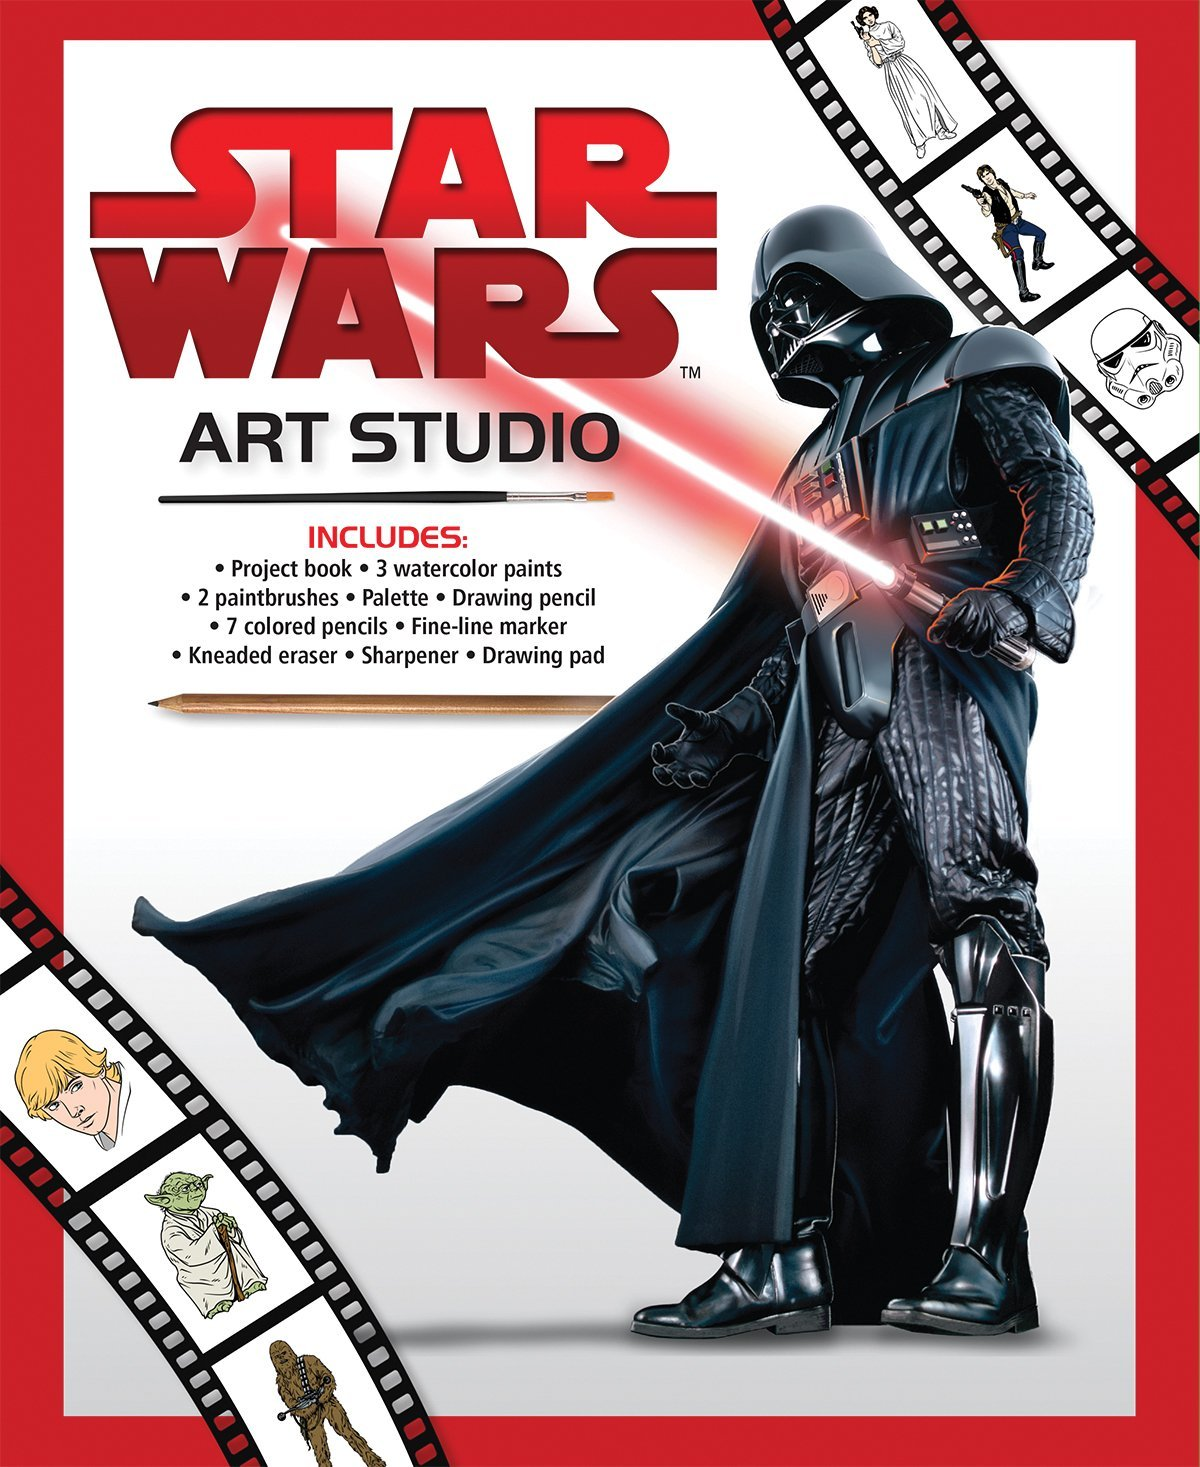 Star Wars Art Studio | Wookieepedia | FANDOM powered by Wikia